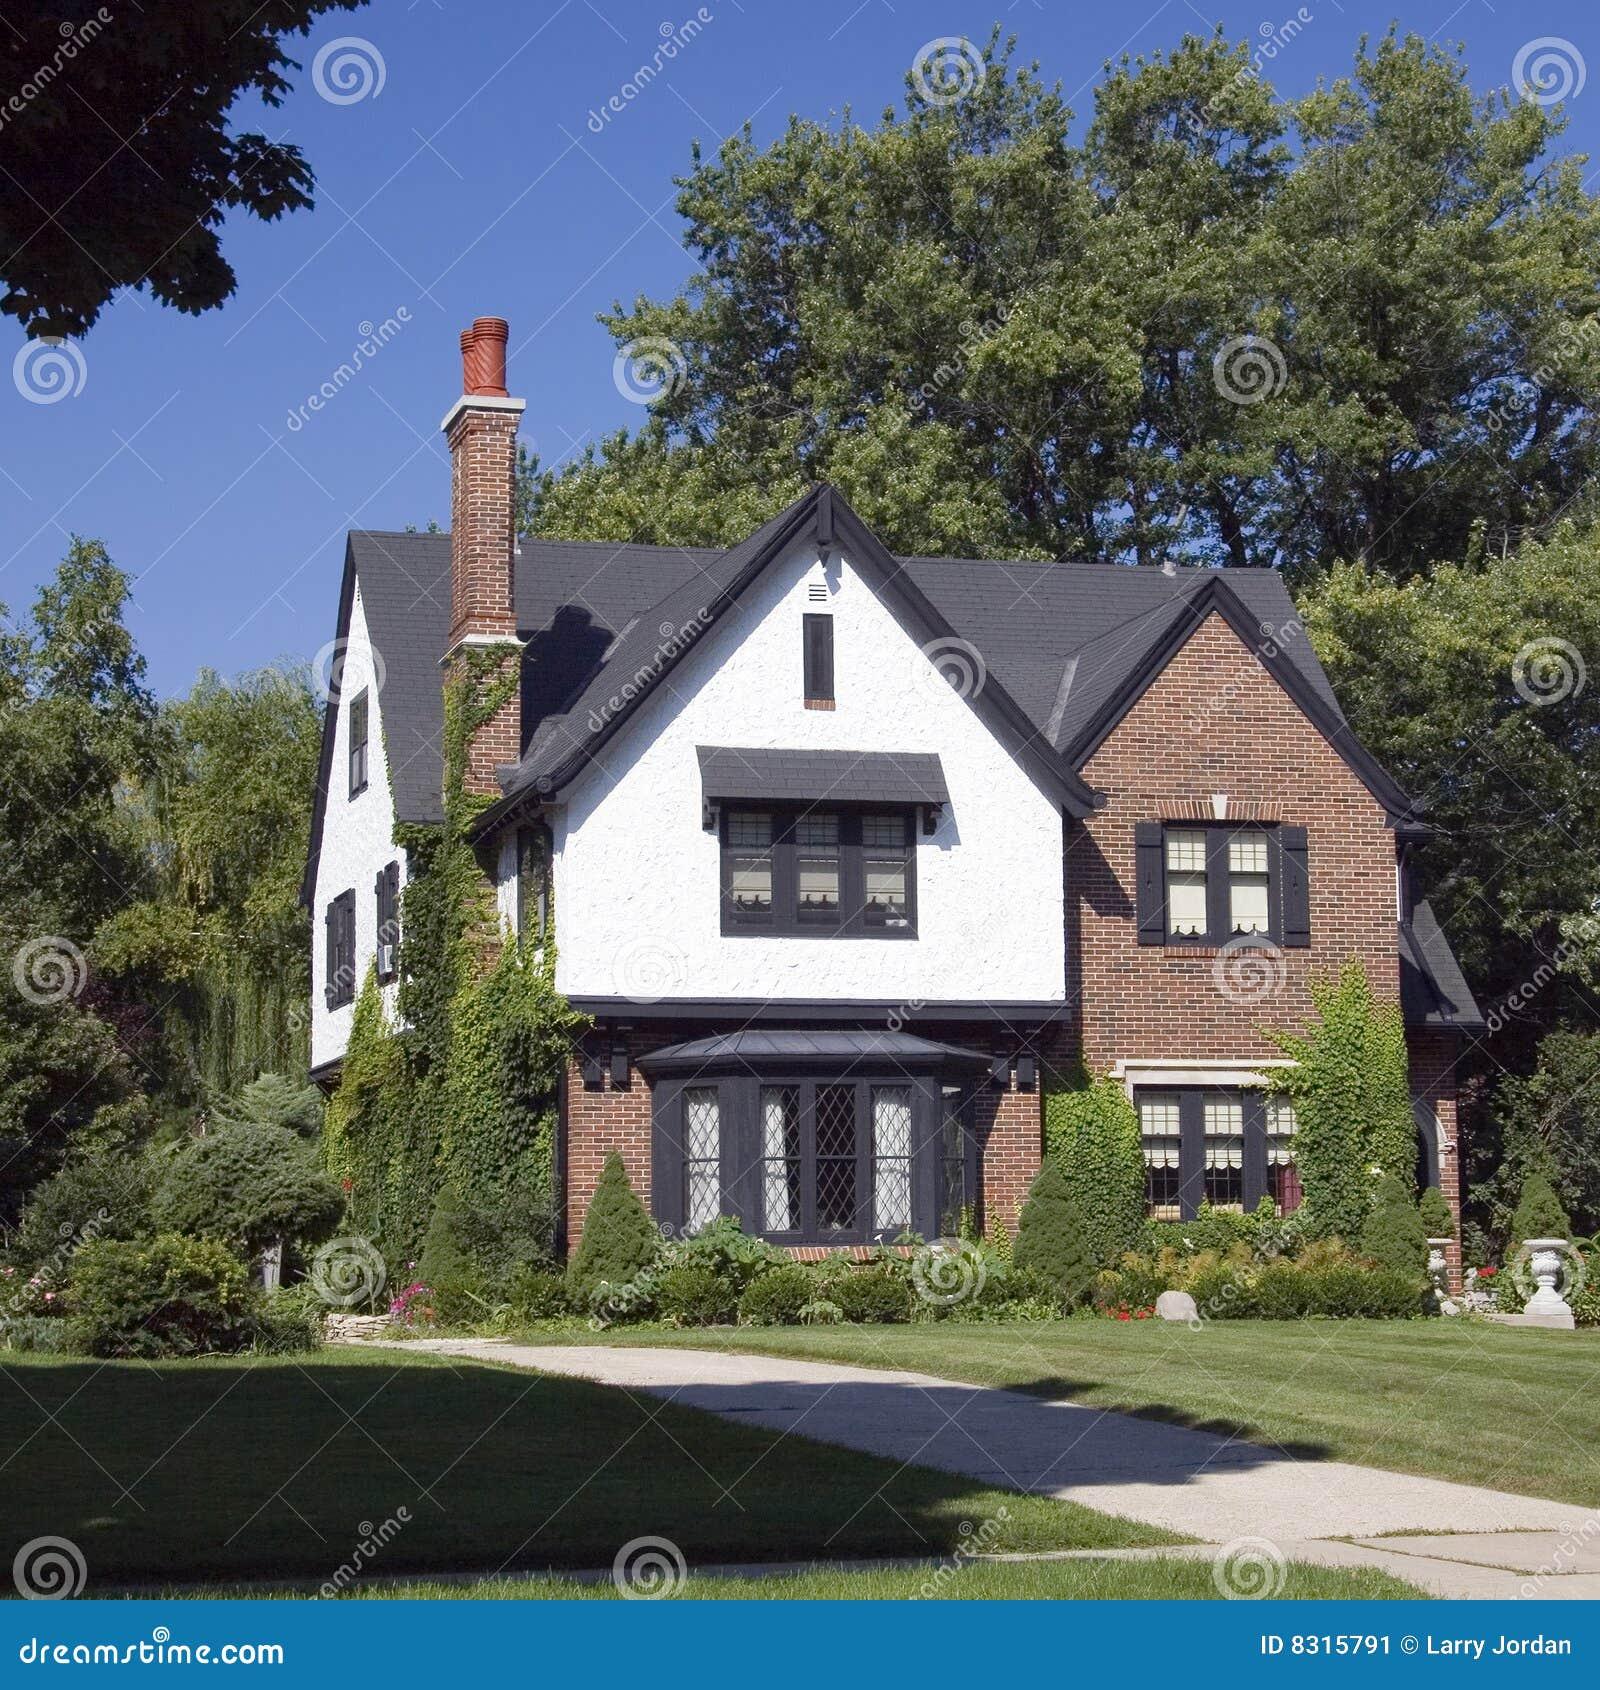 Brick home masonry upscale